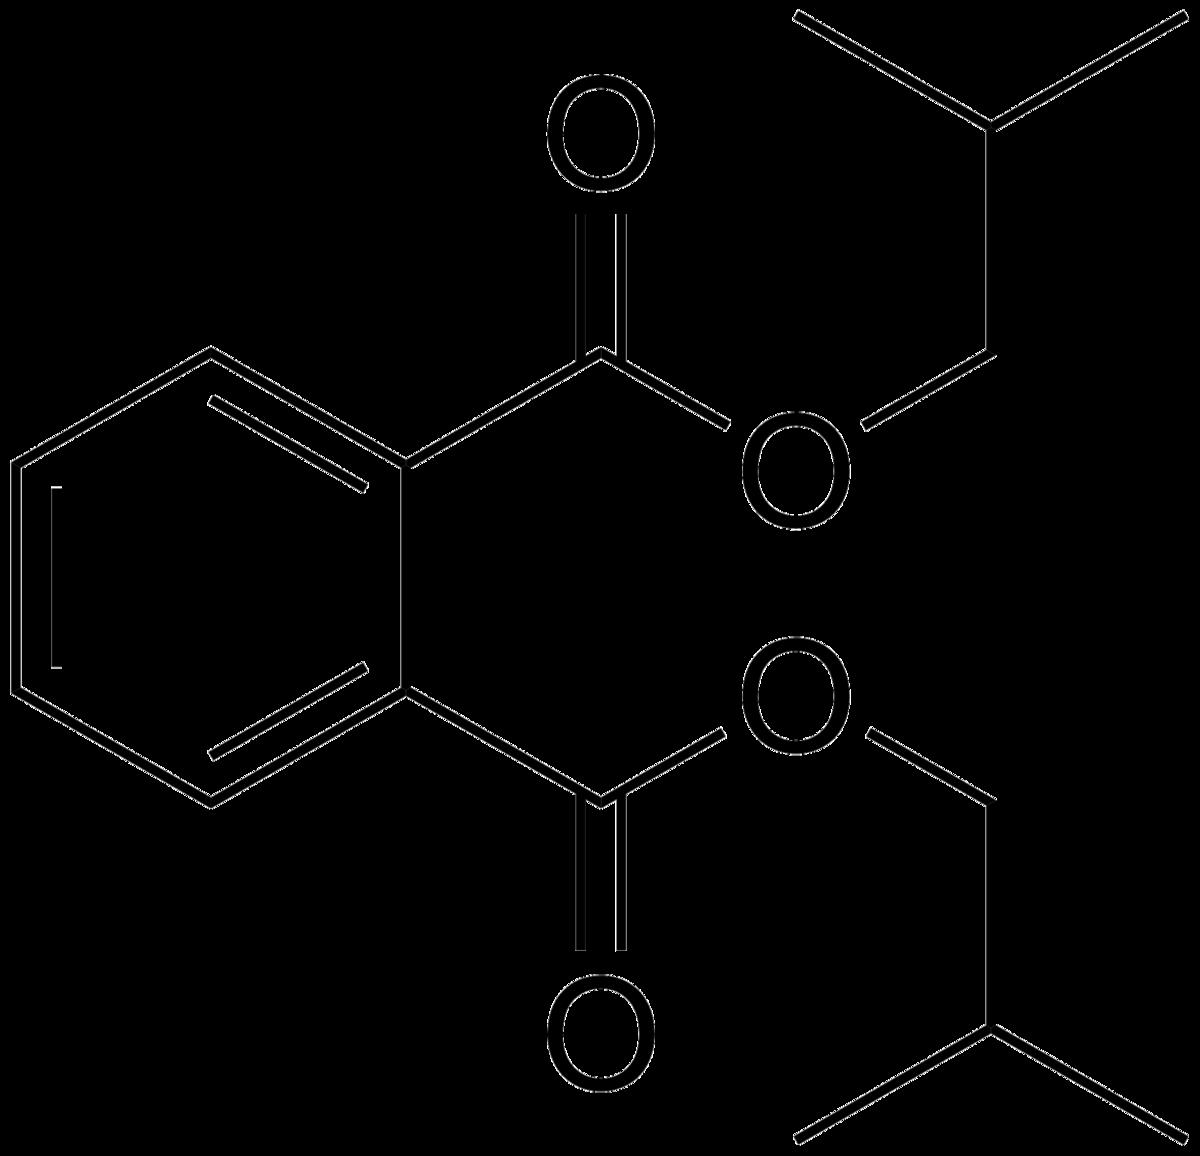 Diisobutyl phthalate - Wikipedia